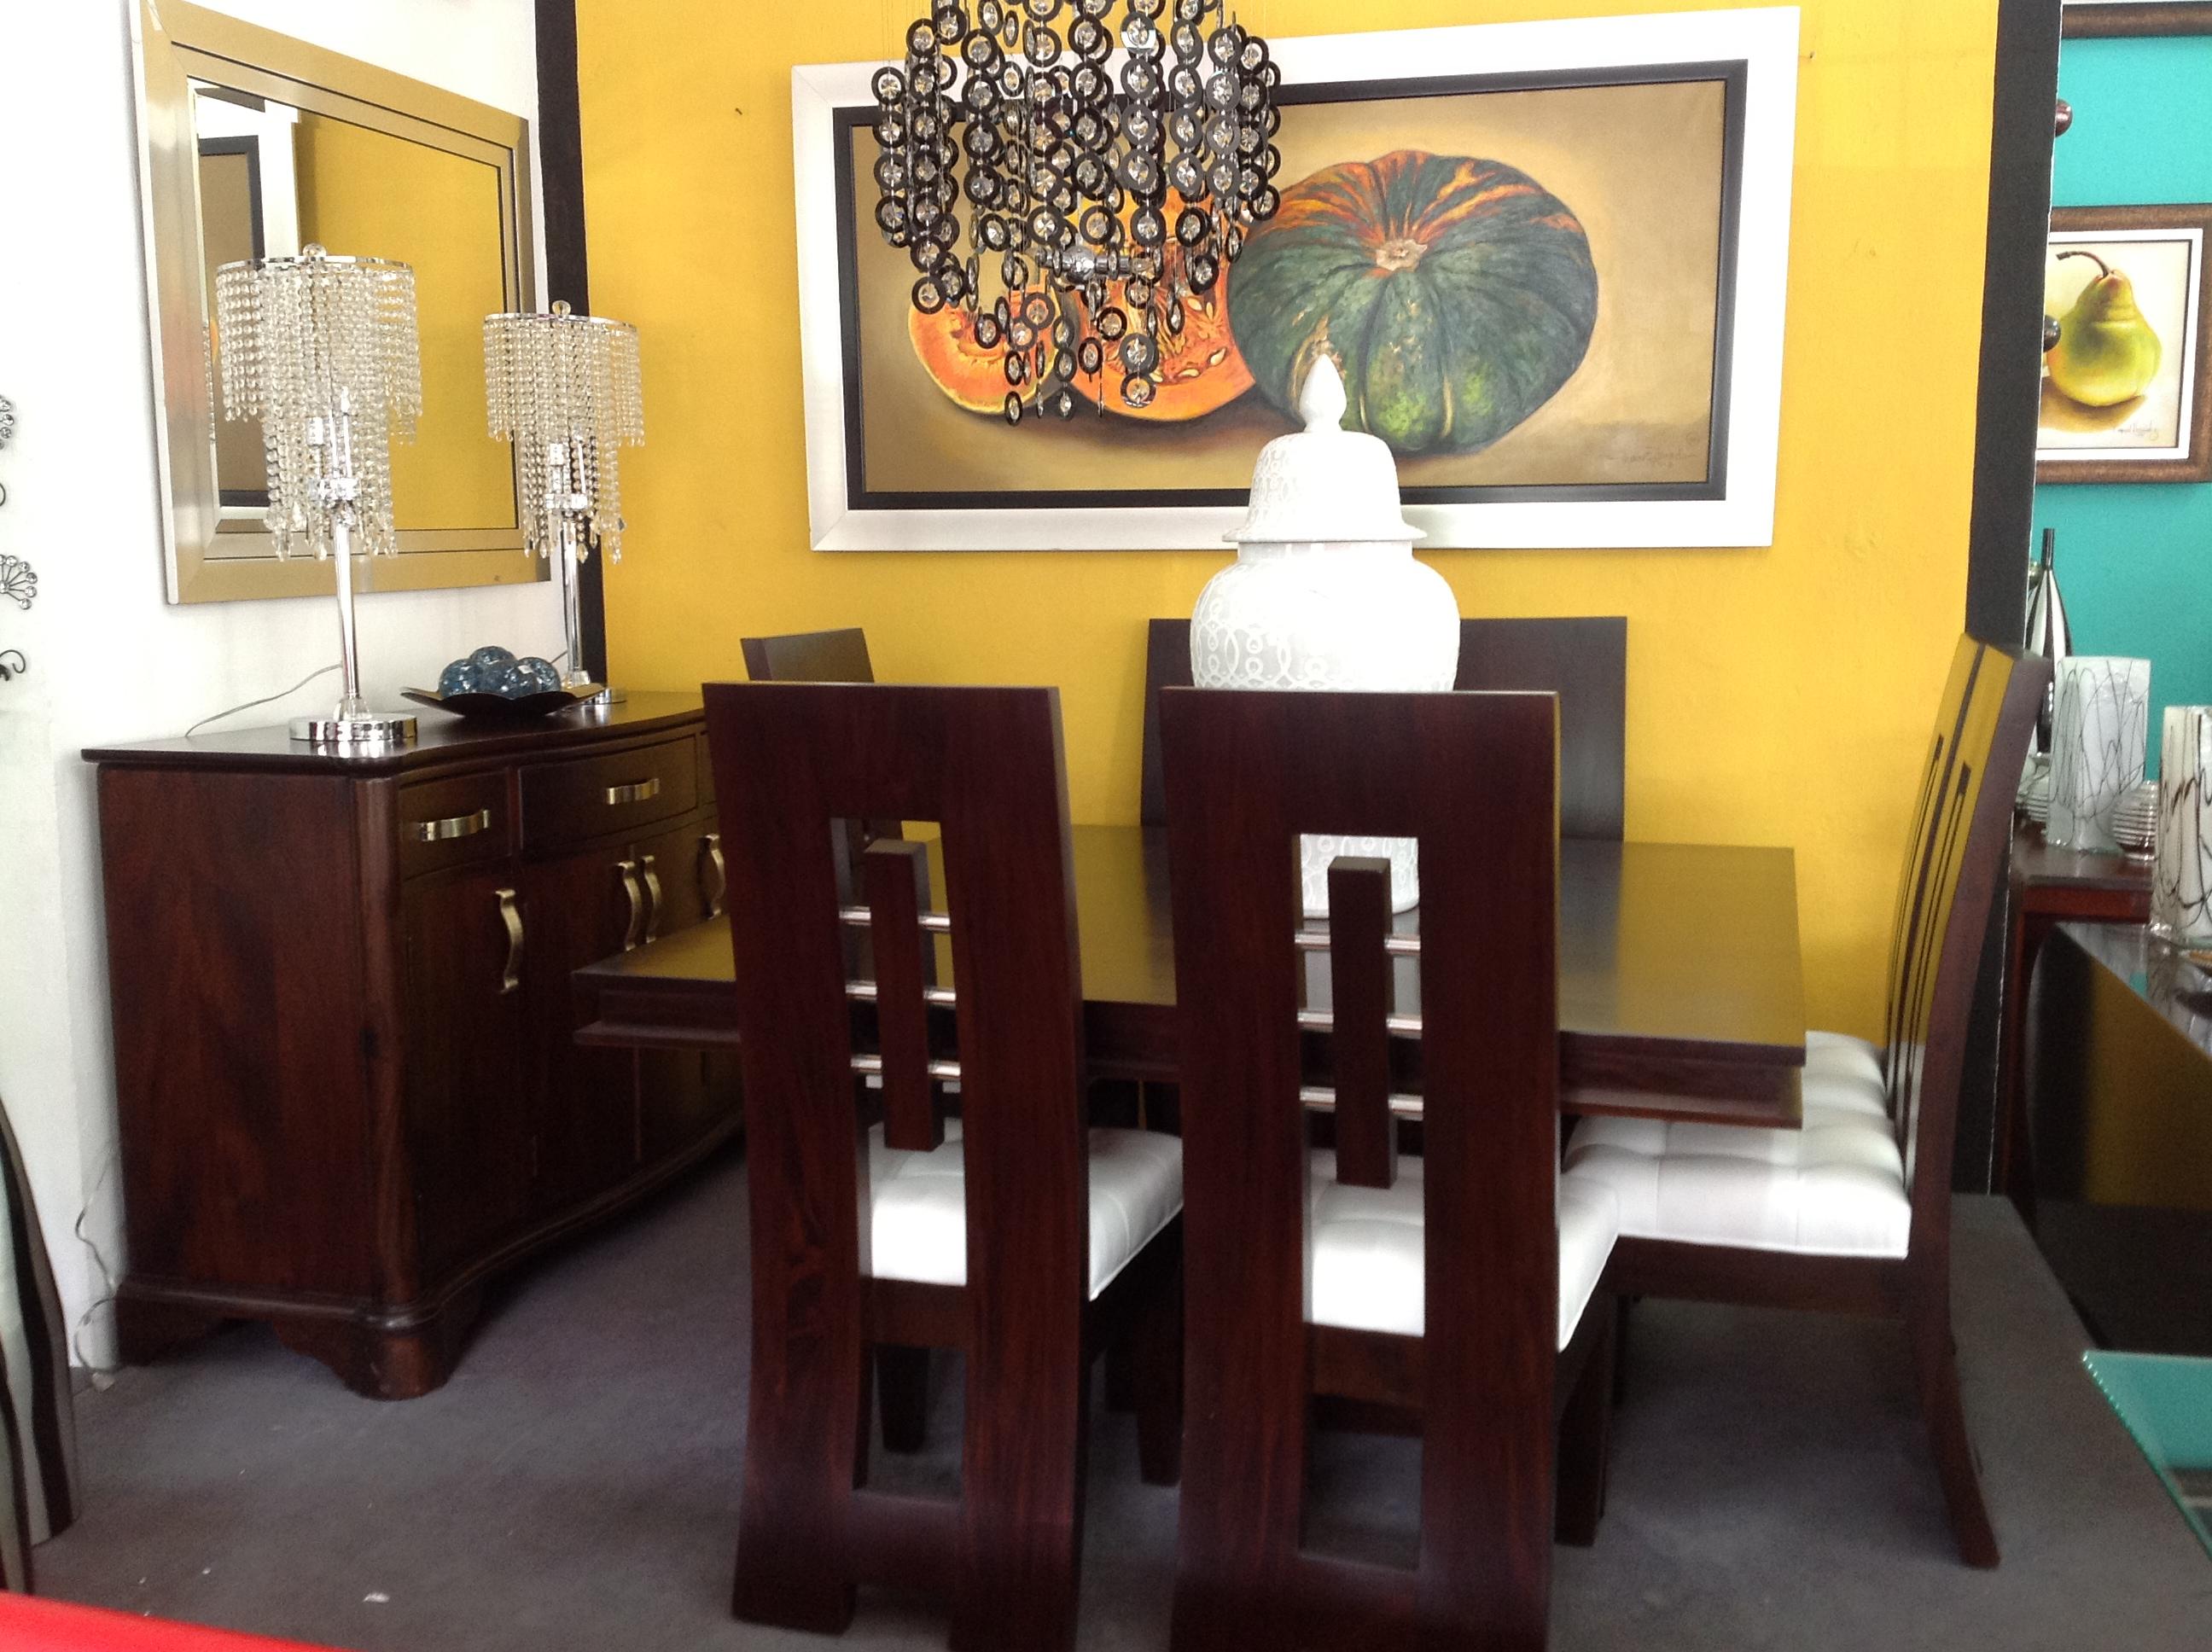 Muebles en caoba para salas 20170809172434 for Decoracion y muebles